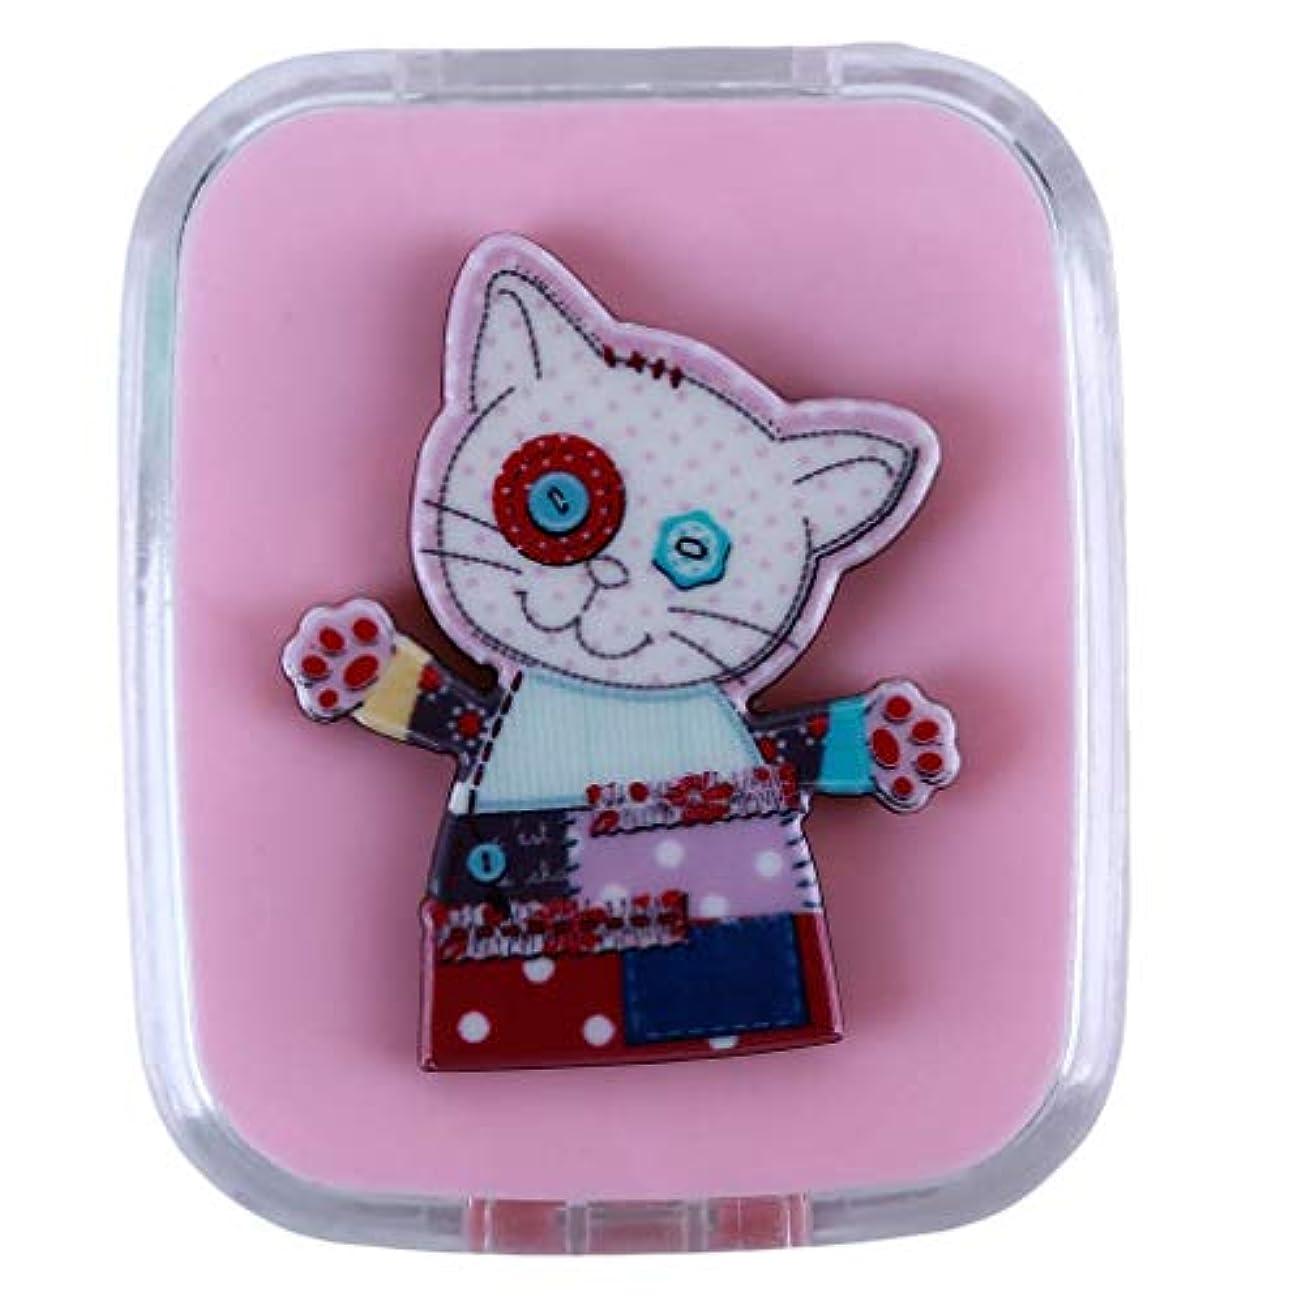 不当怒って壁1st market プレミアム コンタクトレンズケース コンタクトレンズボックス レンズケースセット コンタクト ケアパレット スティック ミラーケース 持ち運びに便利 携帯 動物 猫 可愛い 便利